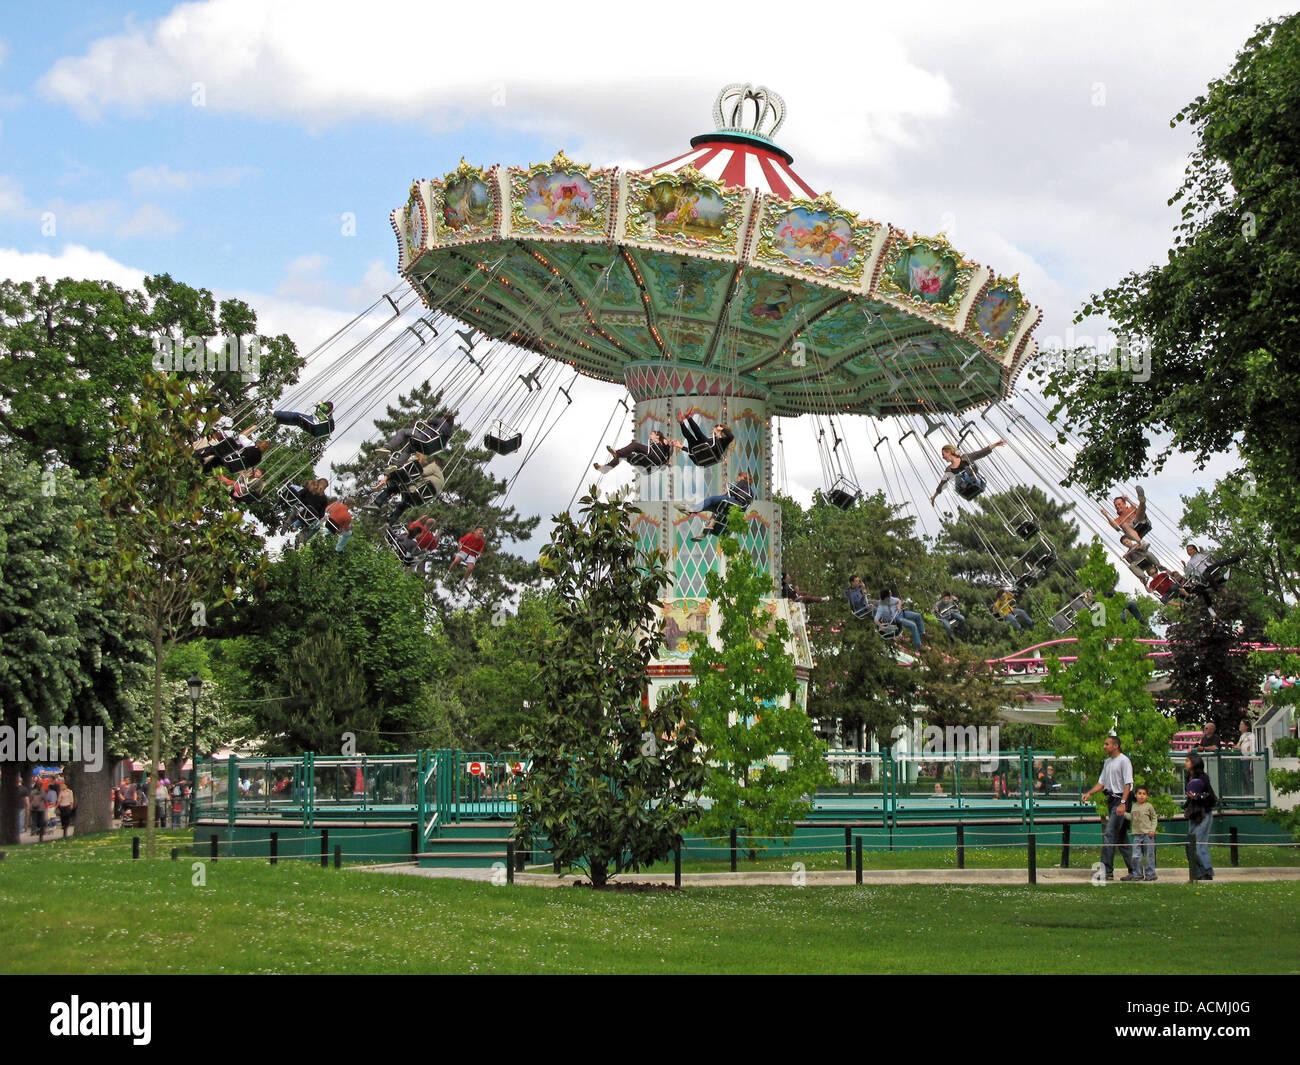 Roundabout In Le Jardin D Acclimatation Paris France Stock Photo